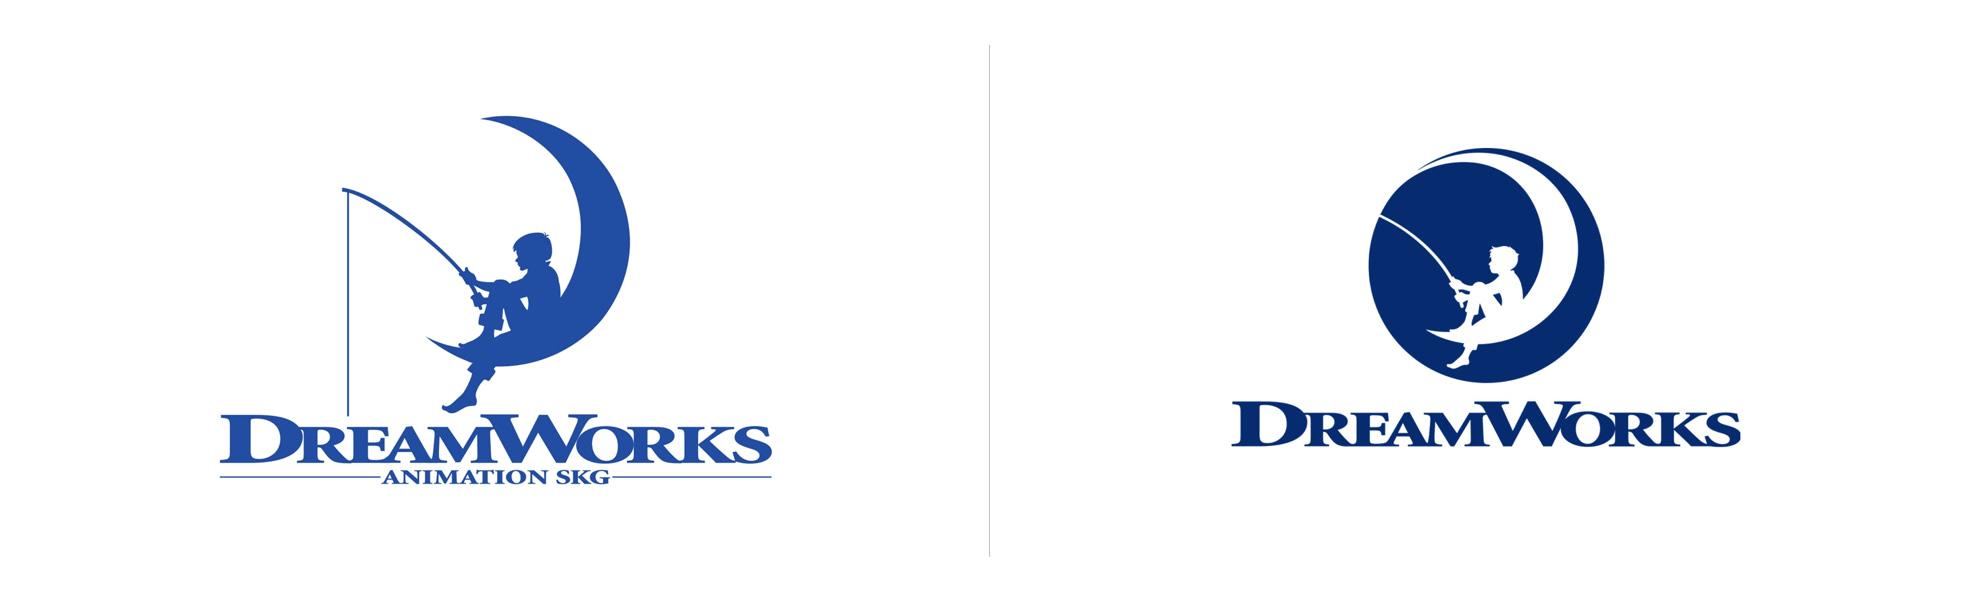 DreamWorks zmieniło logo